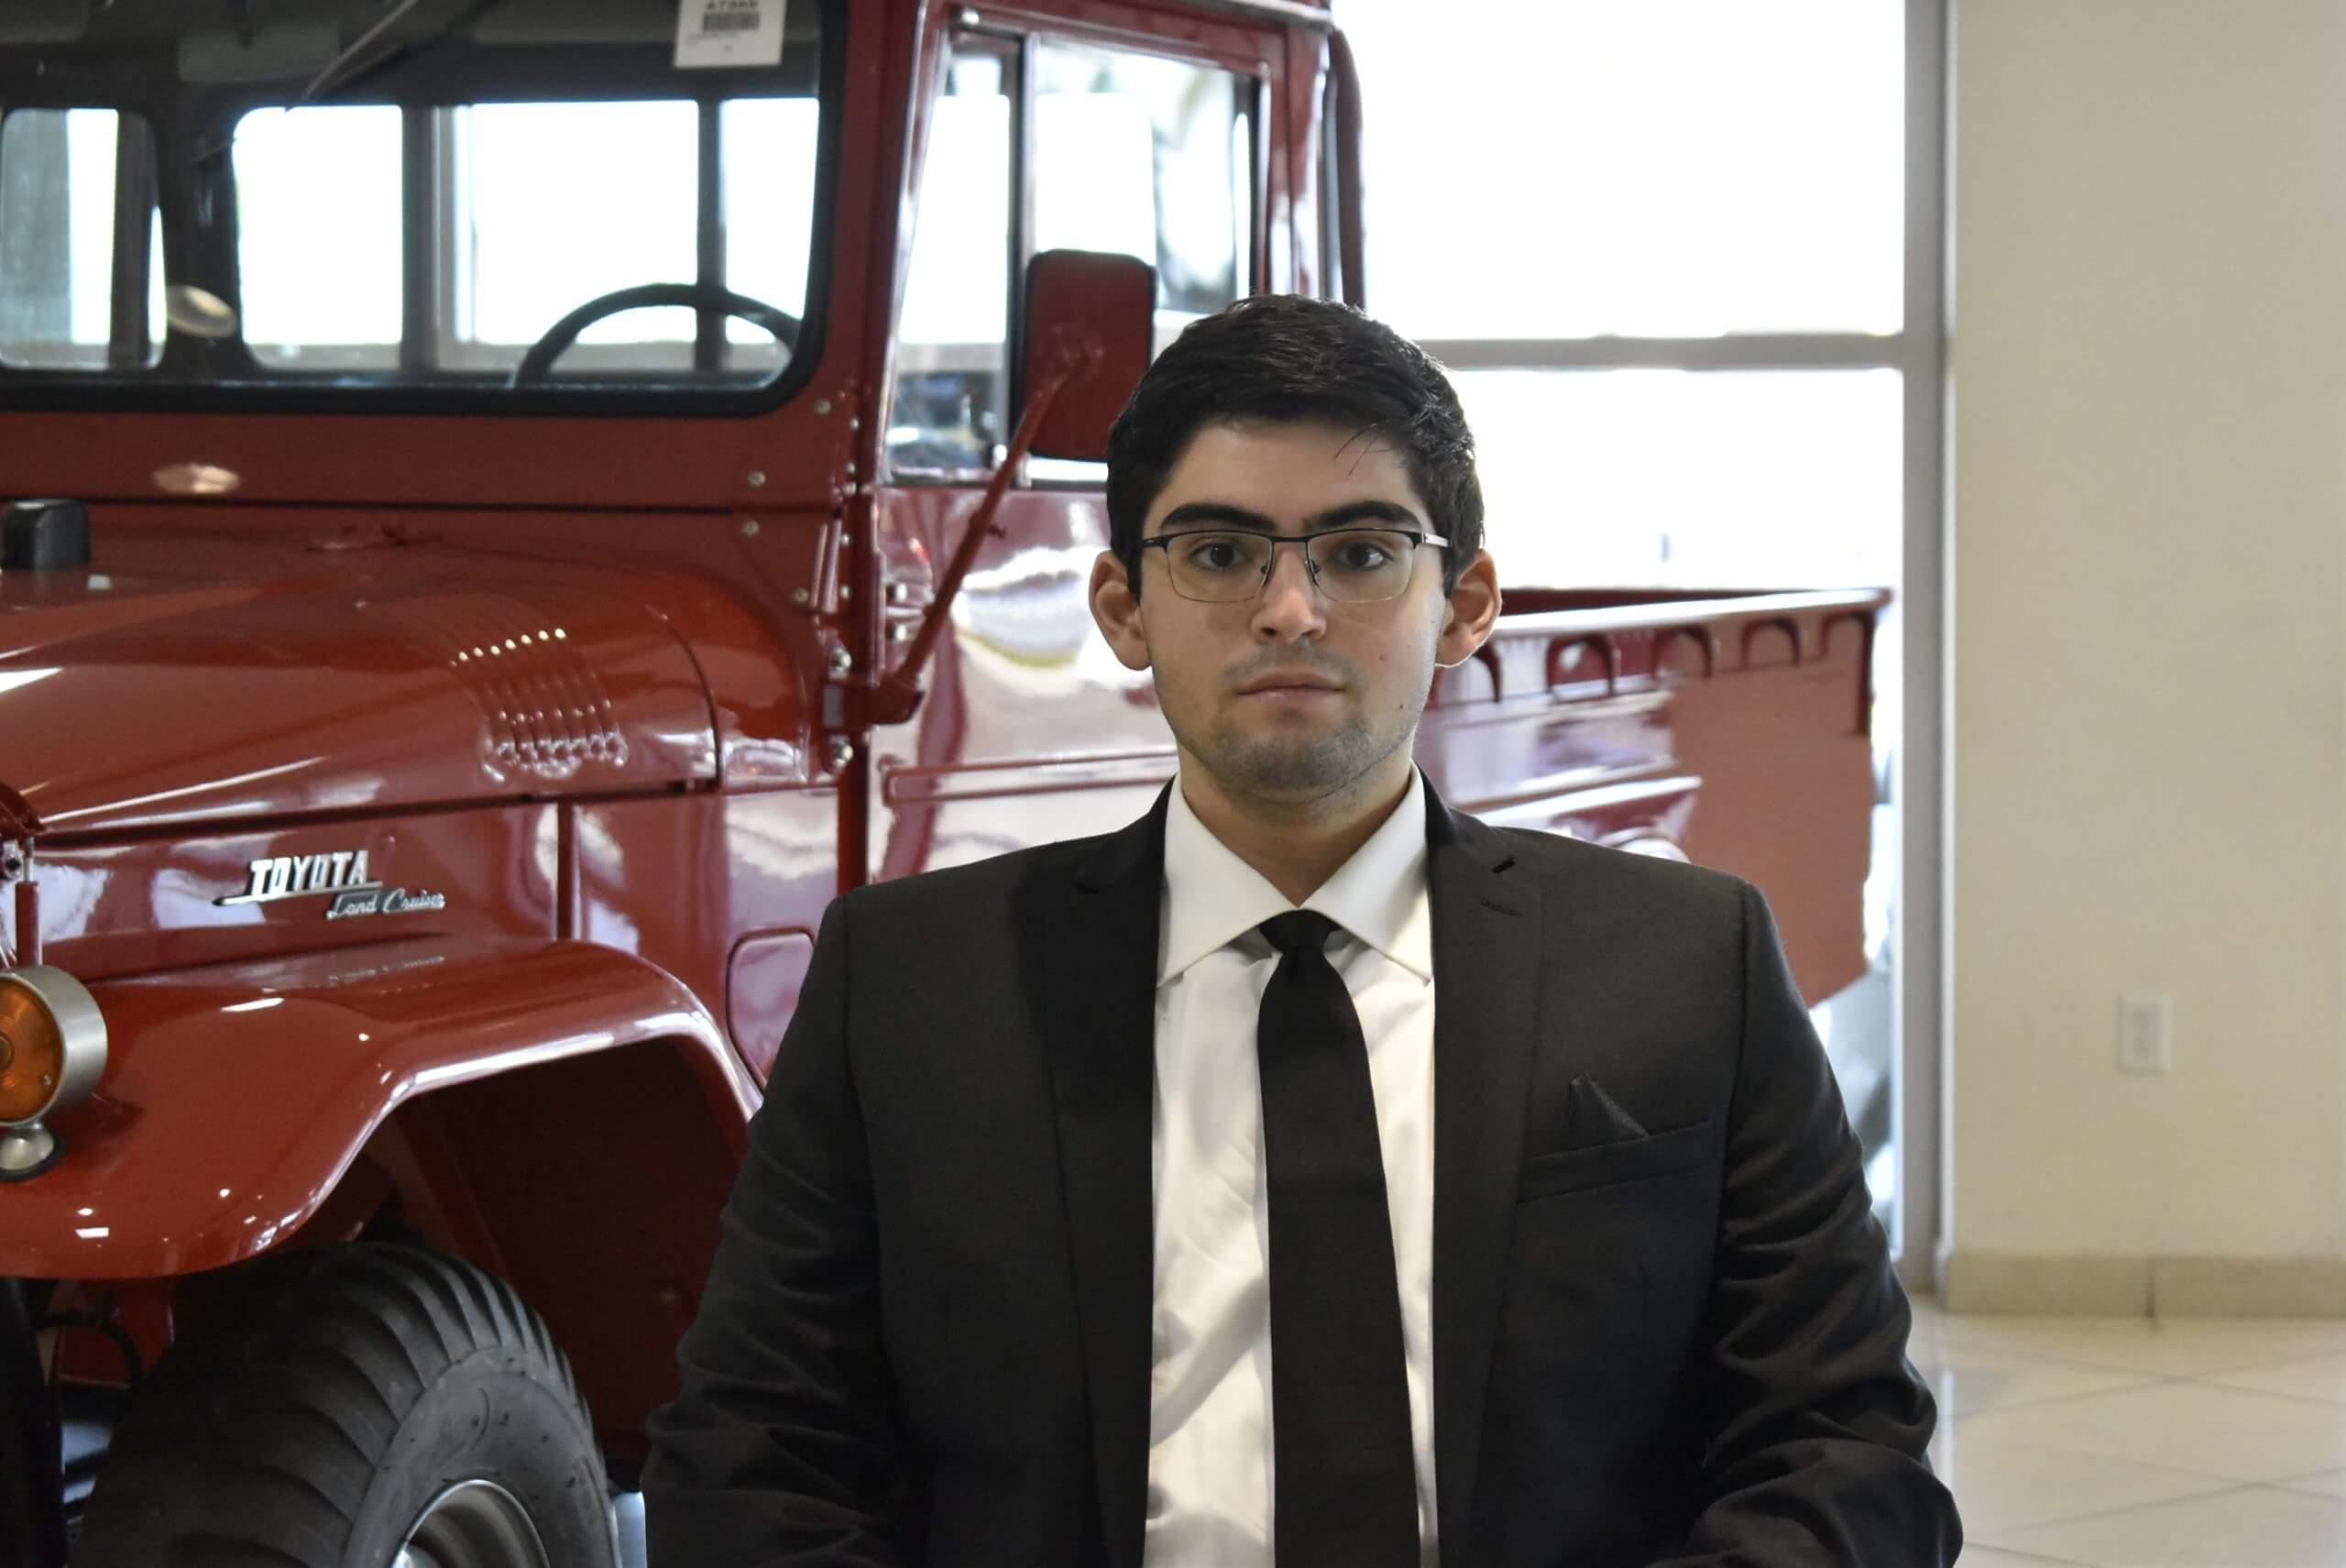 Mohamad Ali Saab